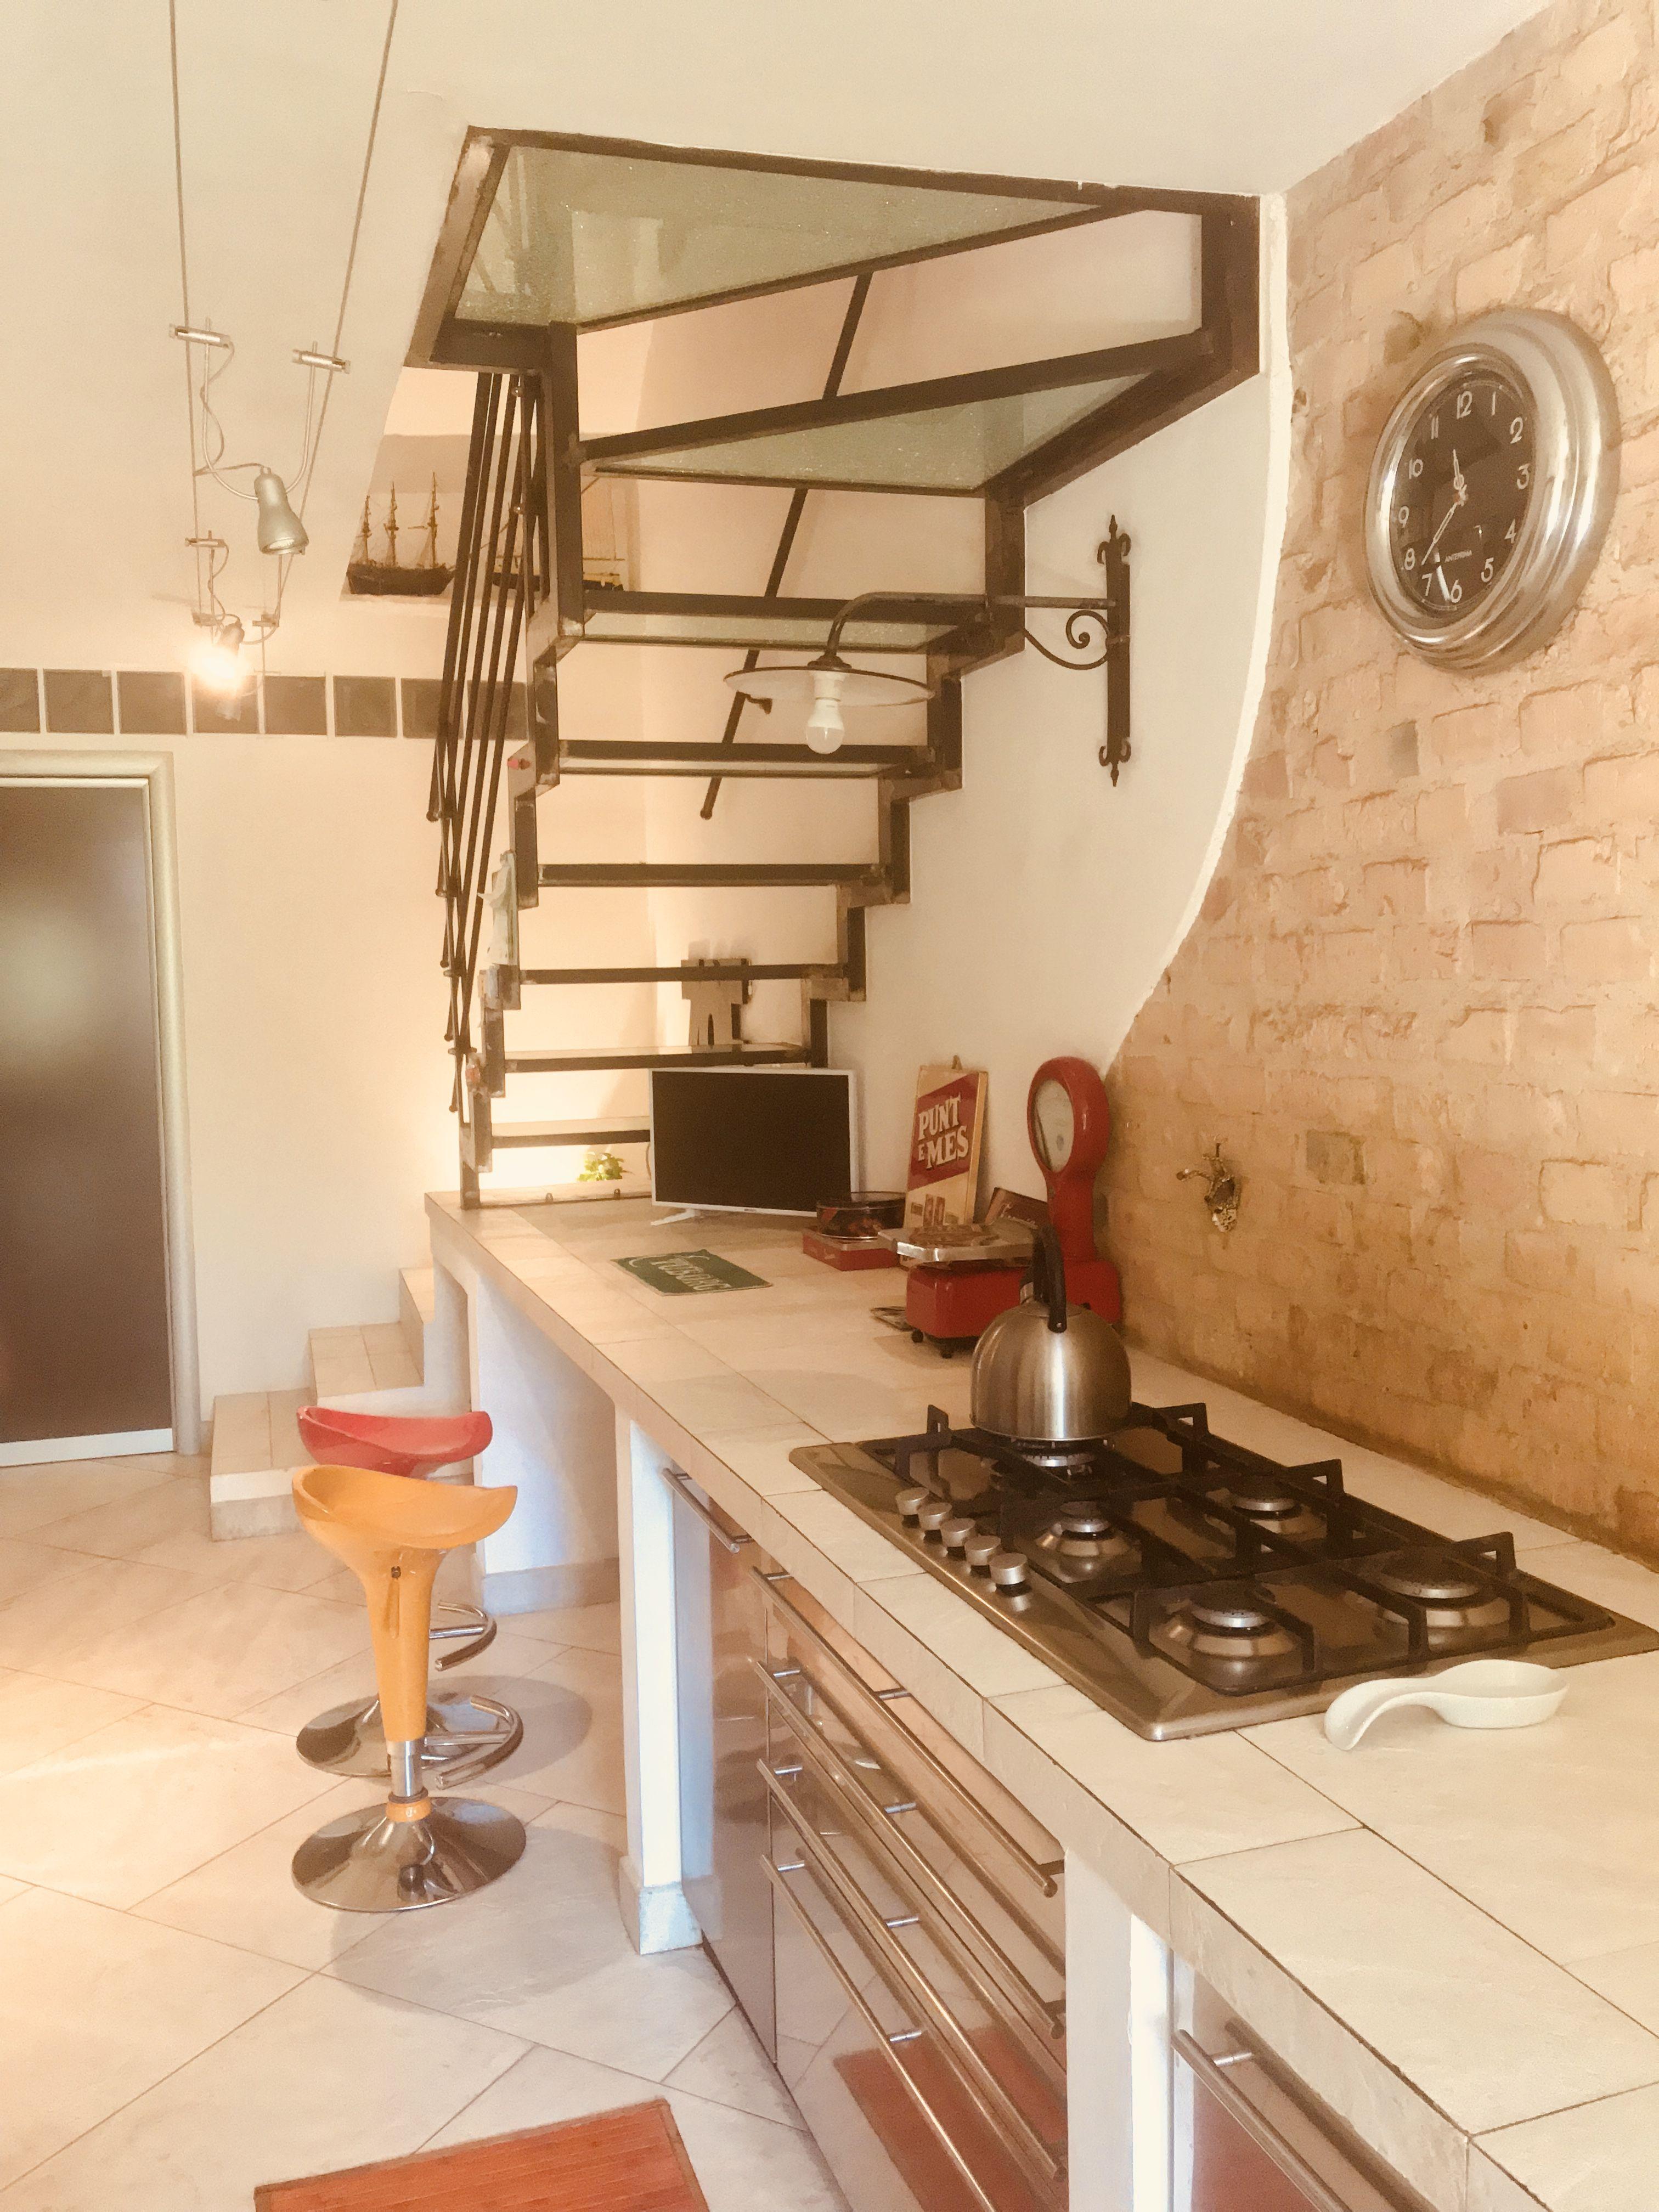 Cucina in muratura integrata con scala in ferro e vetro. Il piano ...